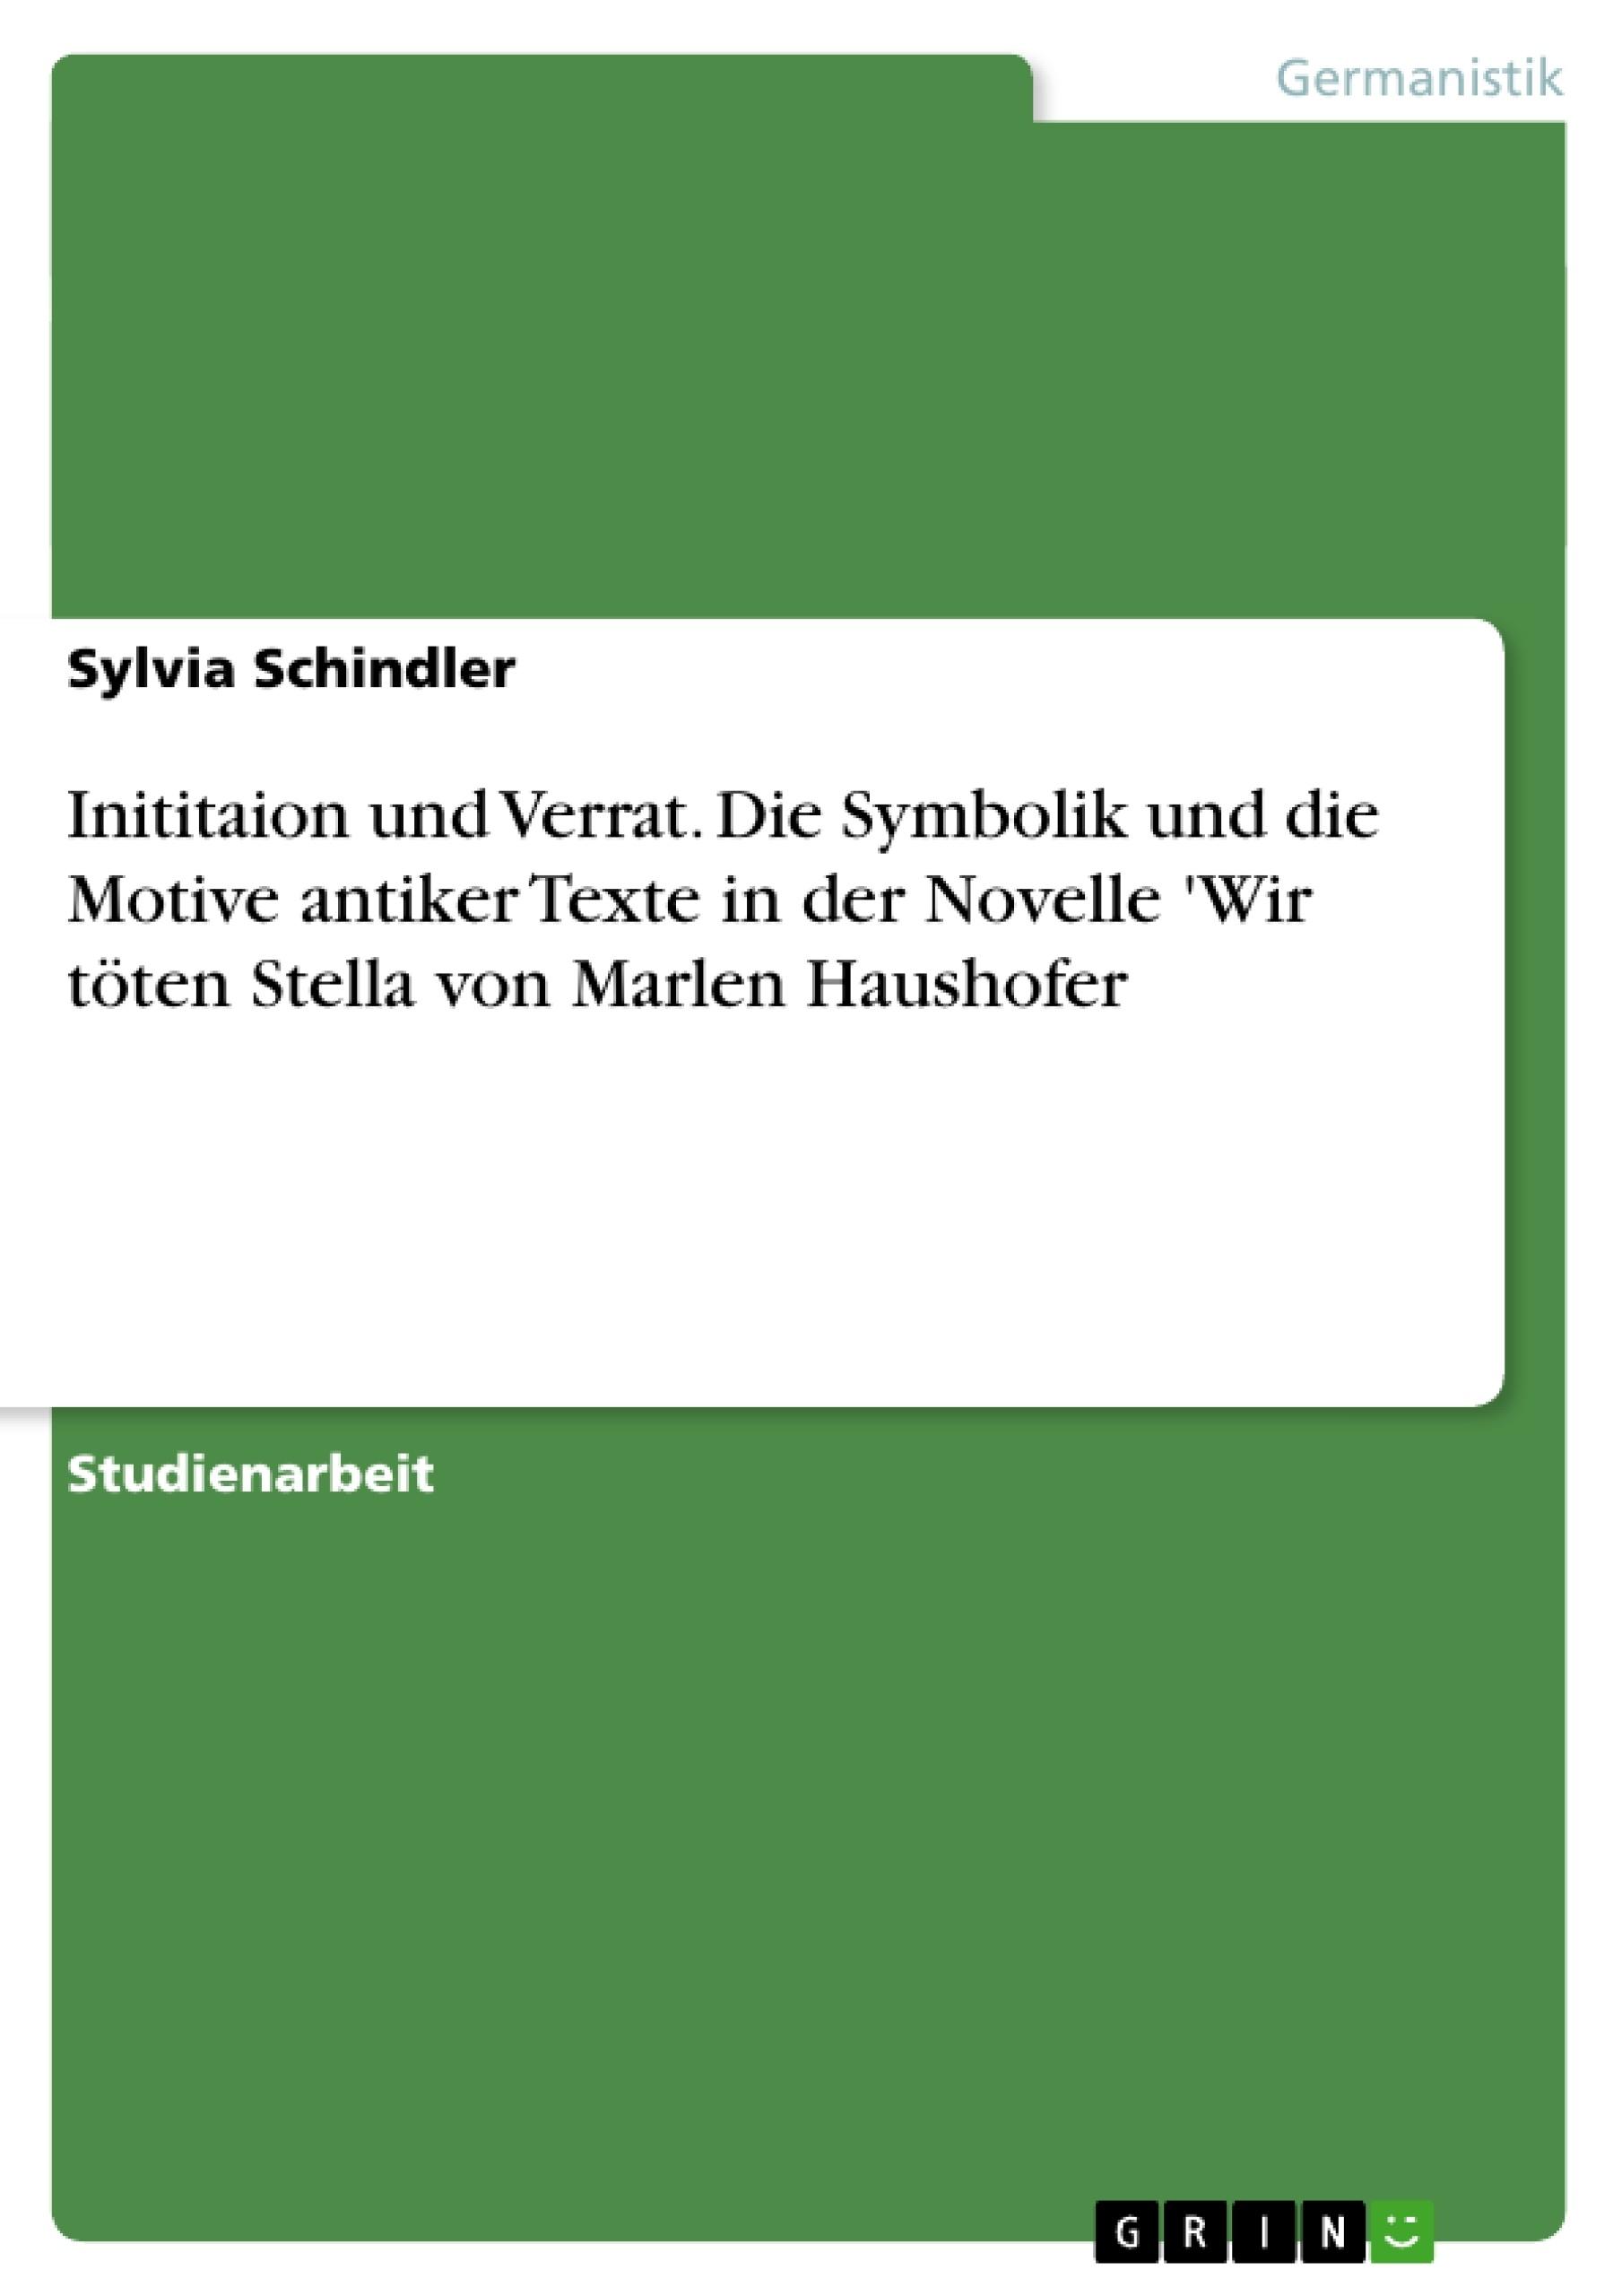 Titel: Inititaion und Verrat. Die Symbolik und die Motive antiker Texte in der Novelle 'Wir töten Stella von Marlen Haushofer